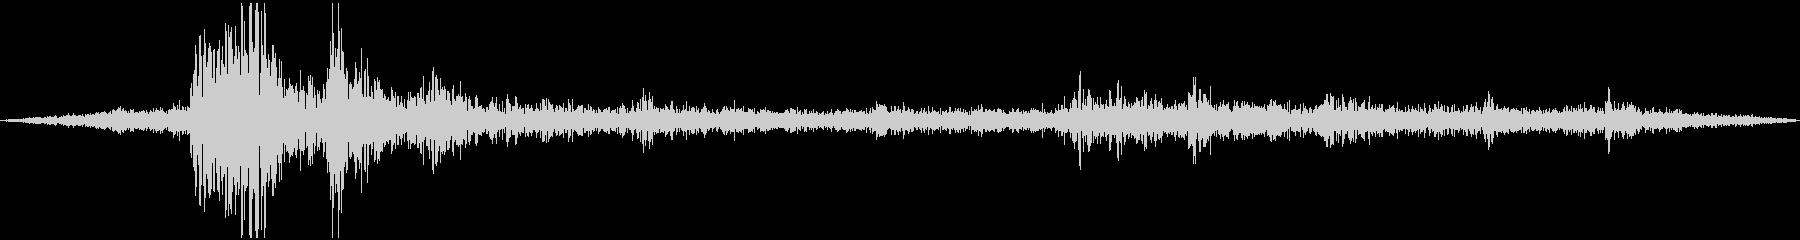 ゴロゴロ、ザーザーの未再生の波形